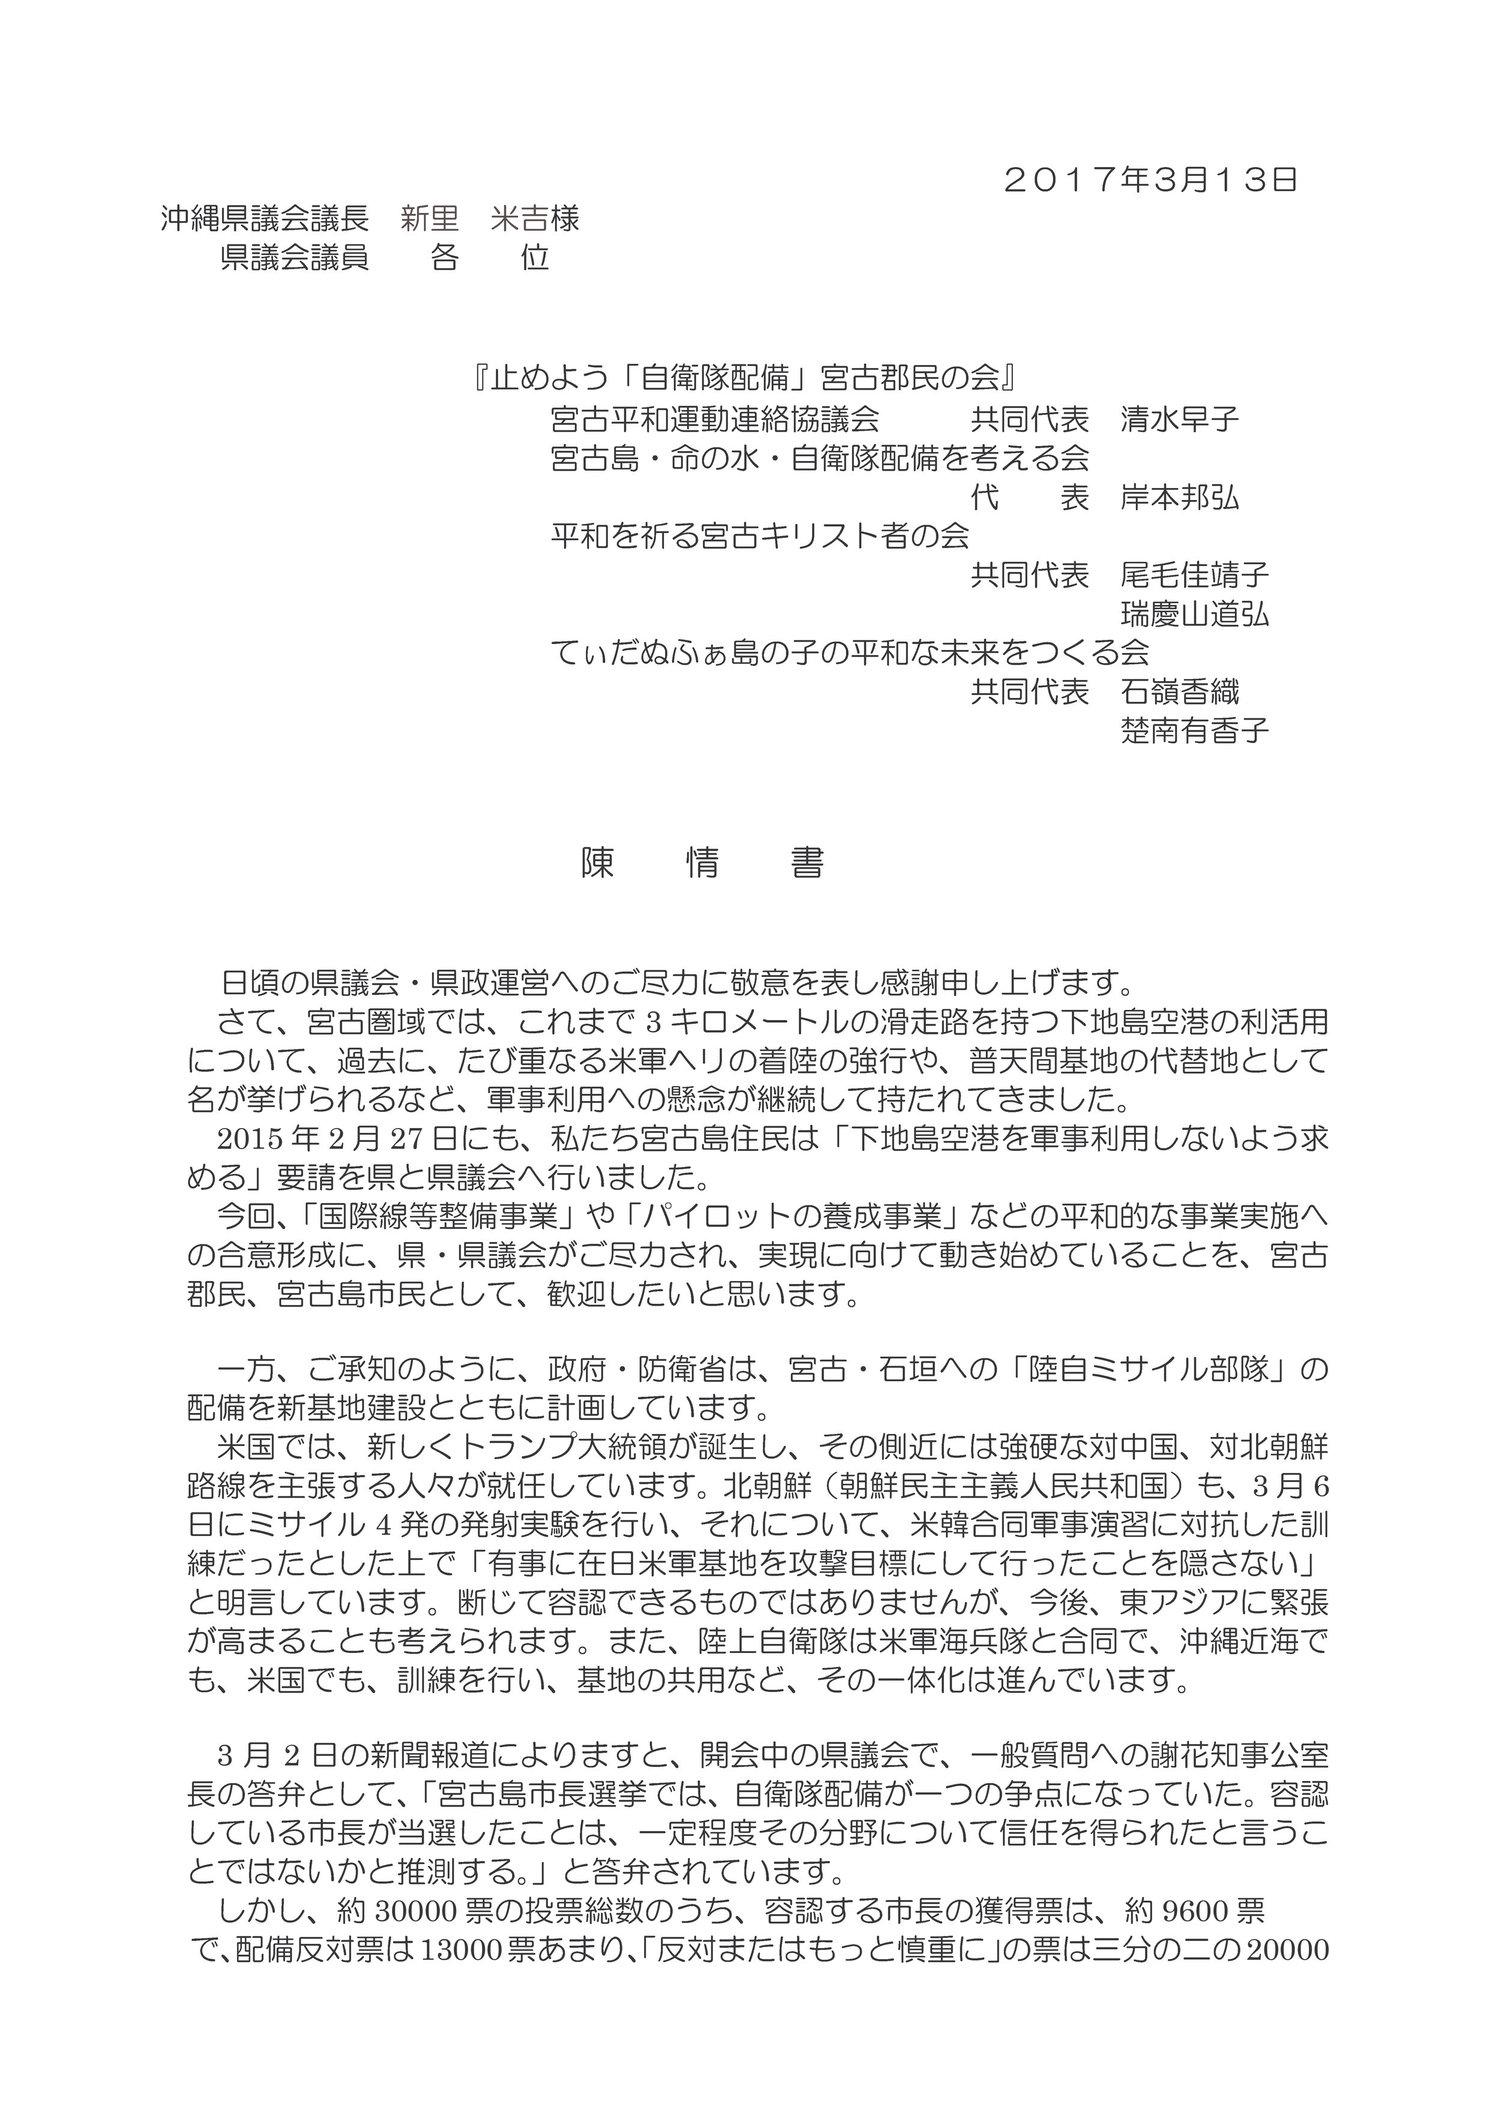 郡民の会沖縄県議会あて陳情書01